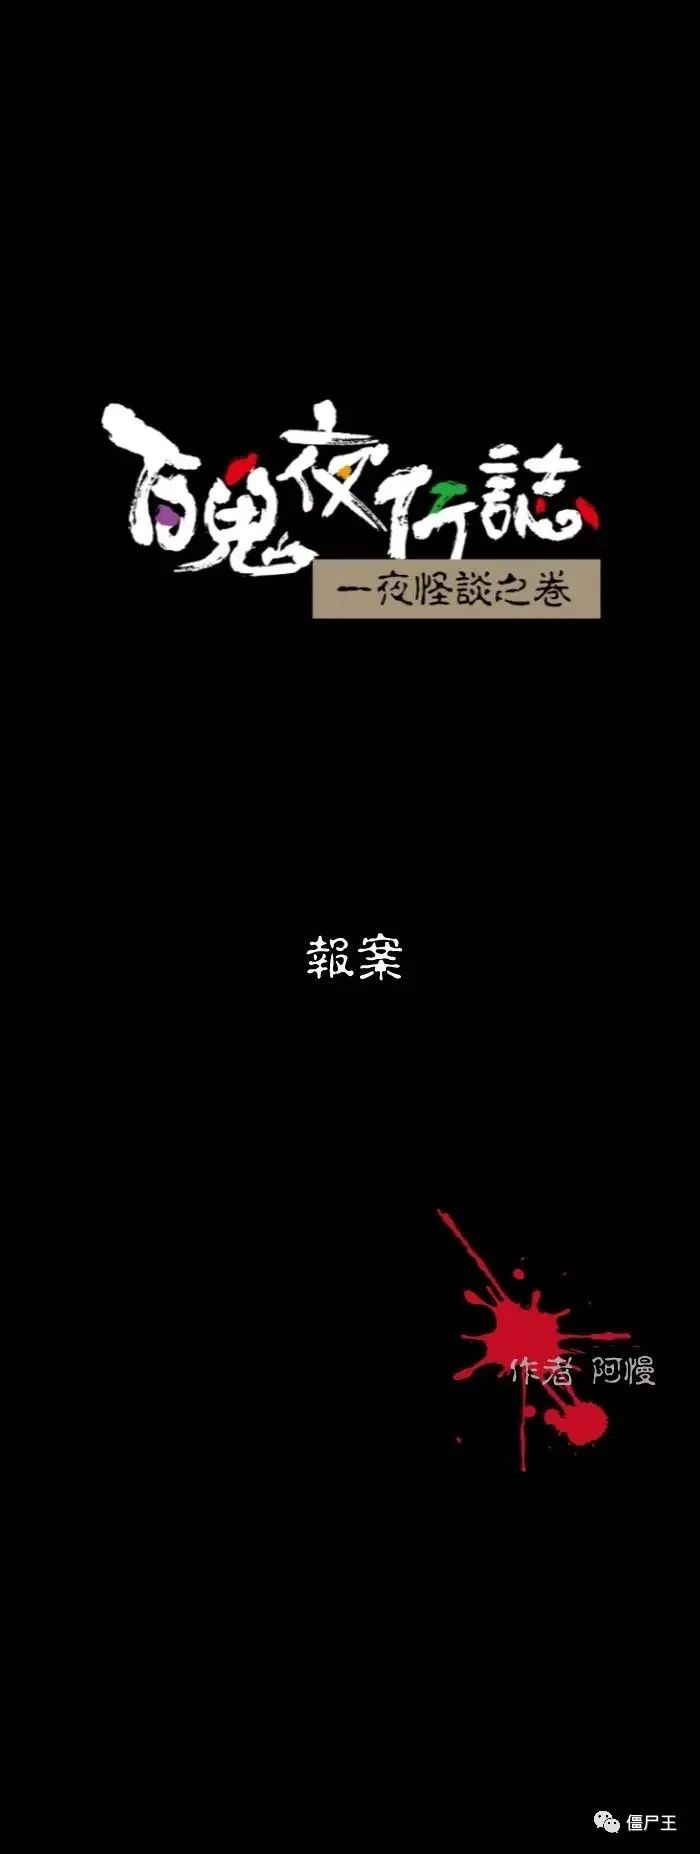 僵尸王漫画:百鬼夜行记之报案